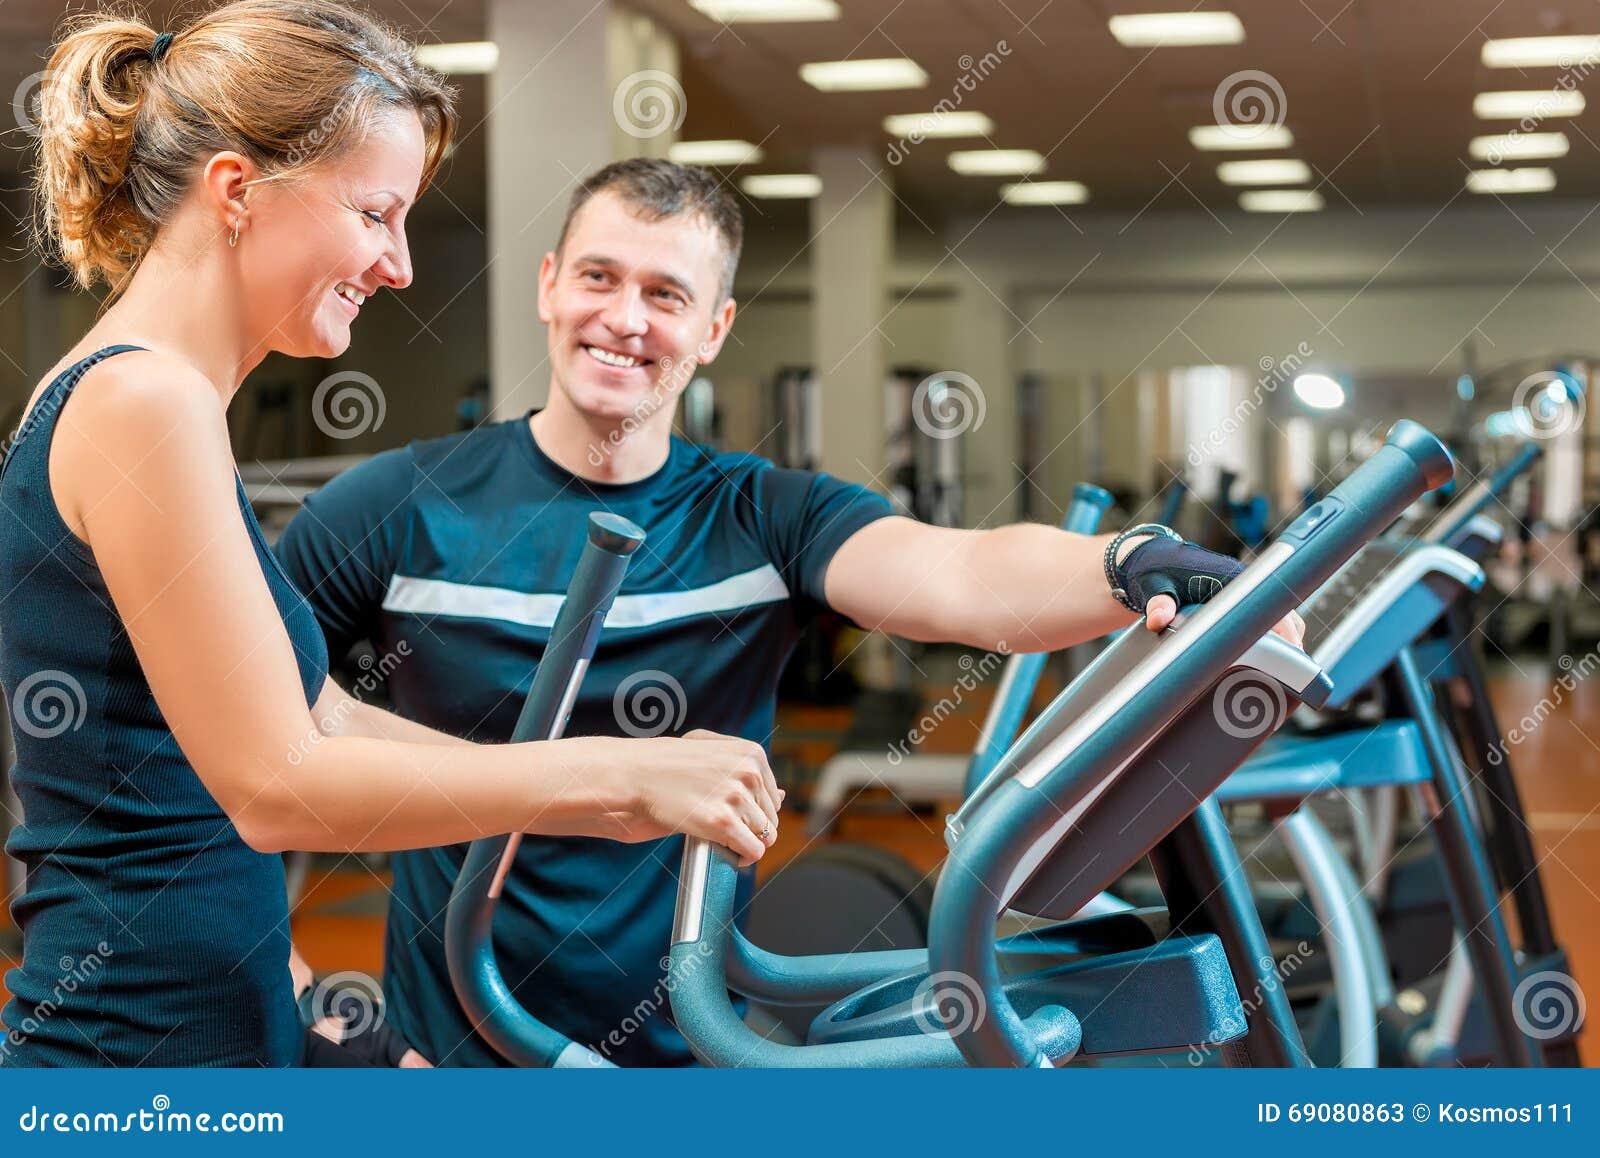 女生去健身房怎么锻炼